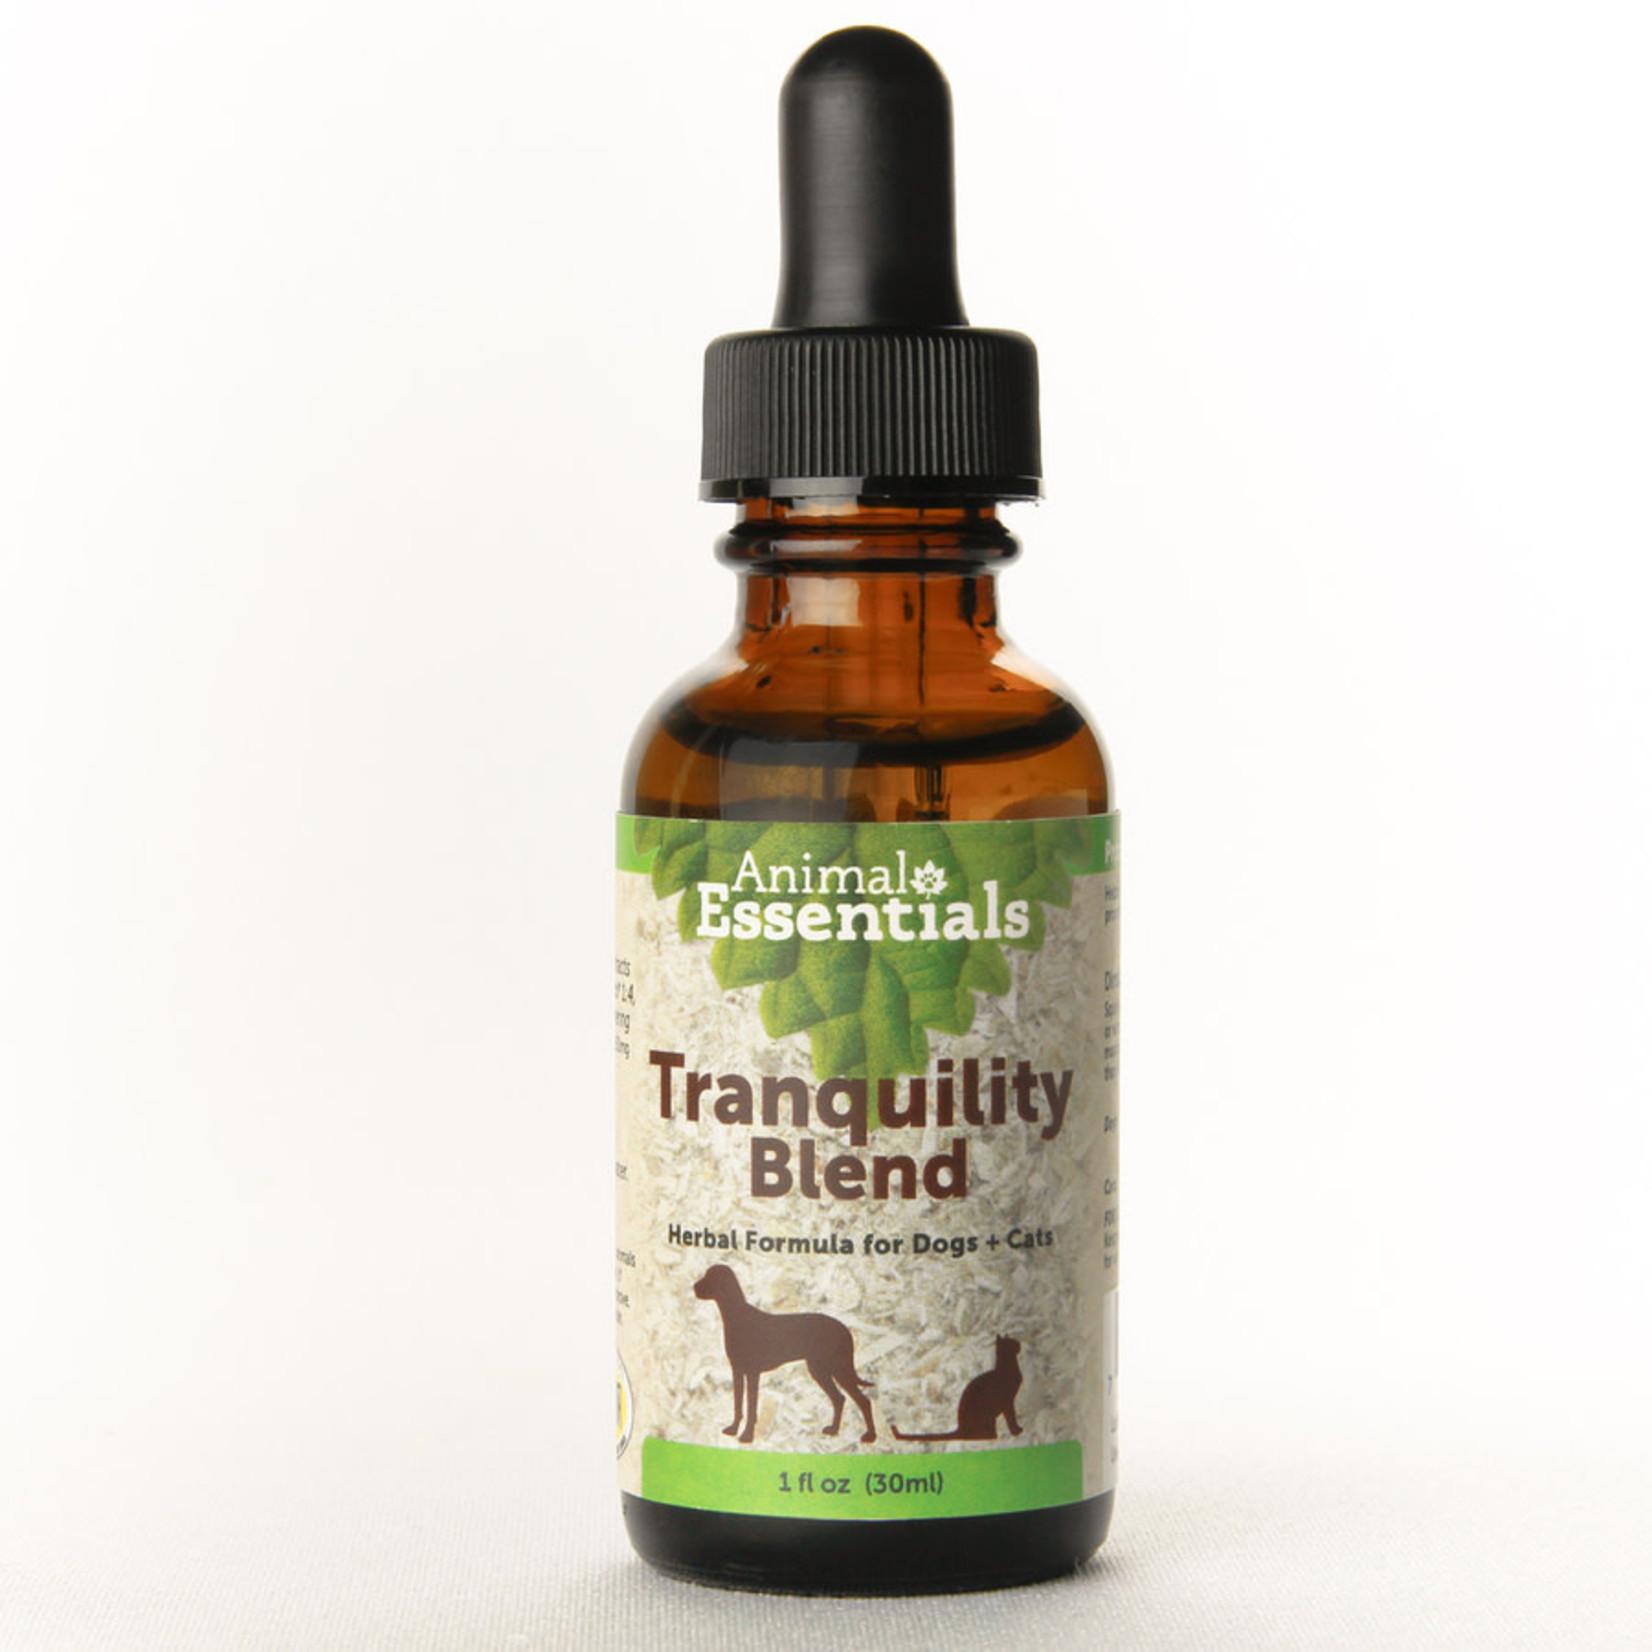 Animal Essentials Animal Essentials Tranquility Blend 1 OZ